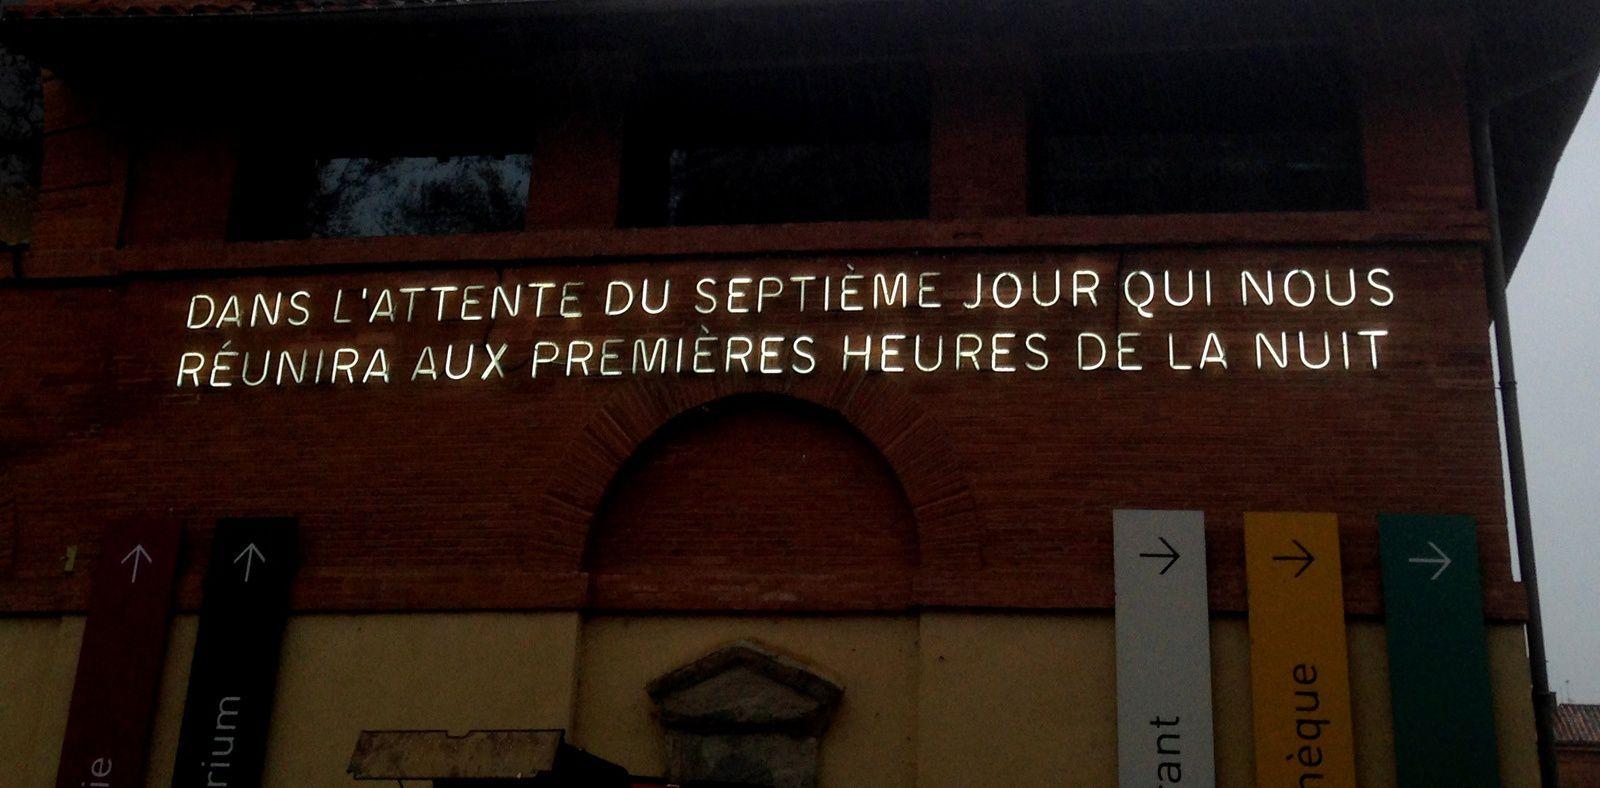 Les Abattoirs : Expo à Toulouse